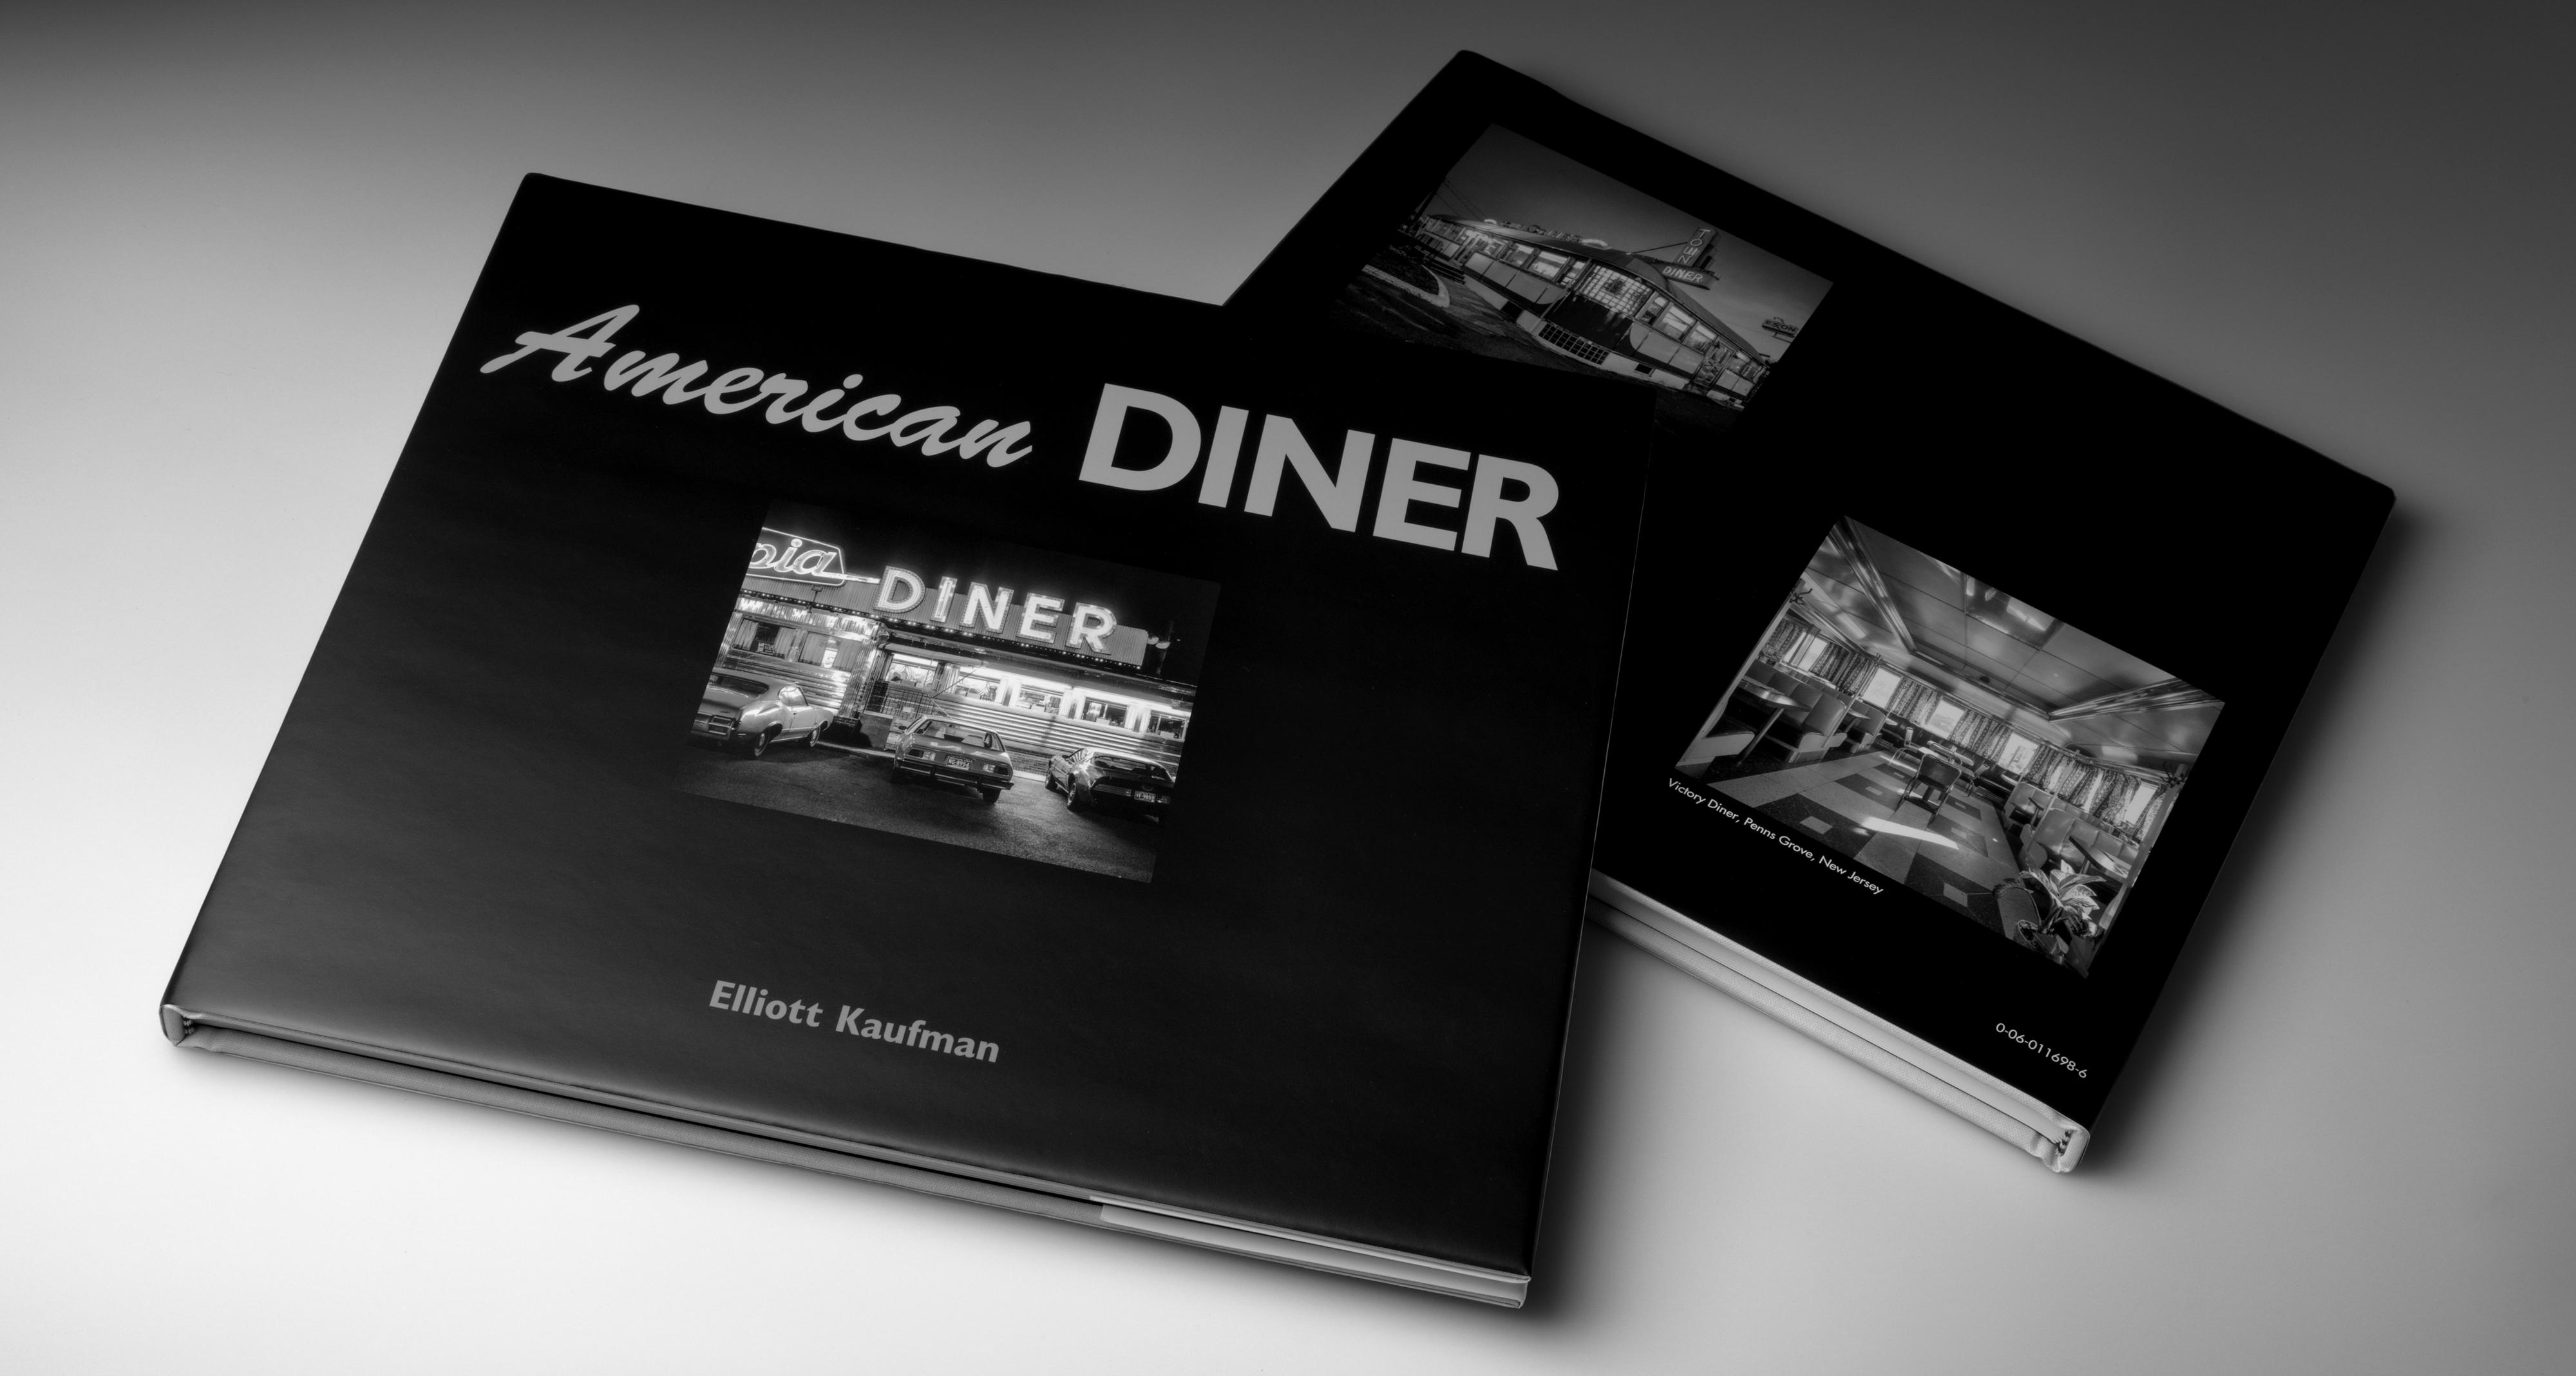 A Faithful Reproduction for  Photographer Elliott Kaufman